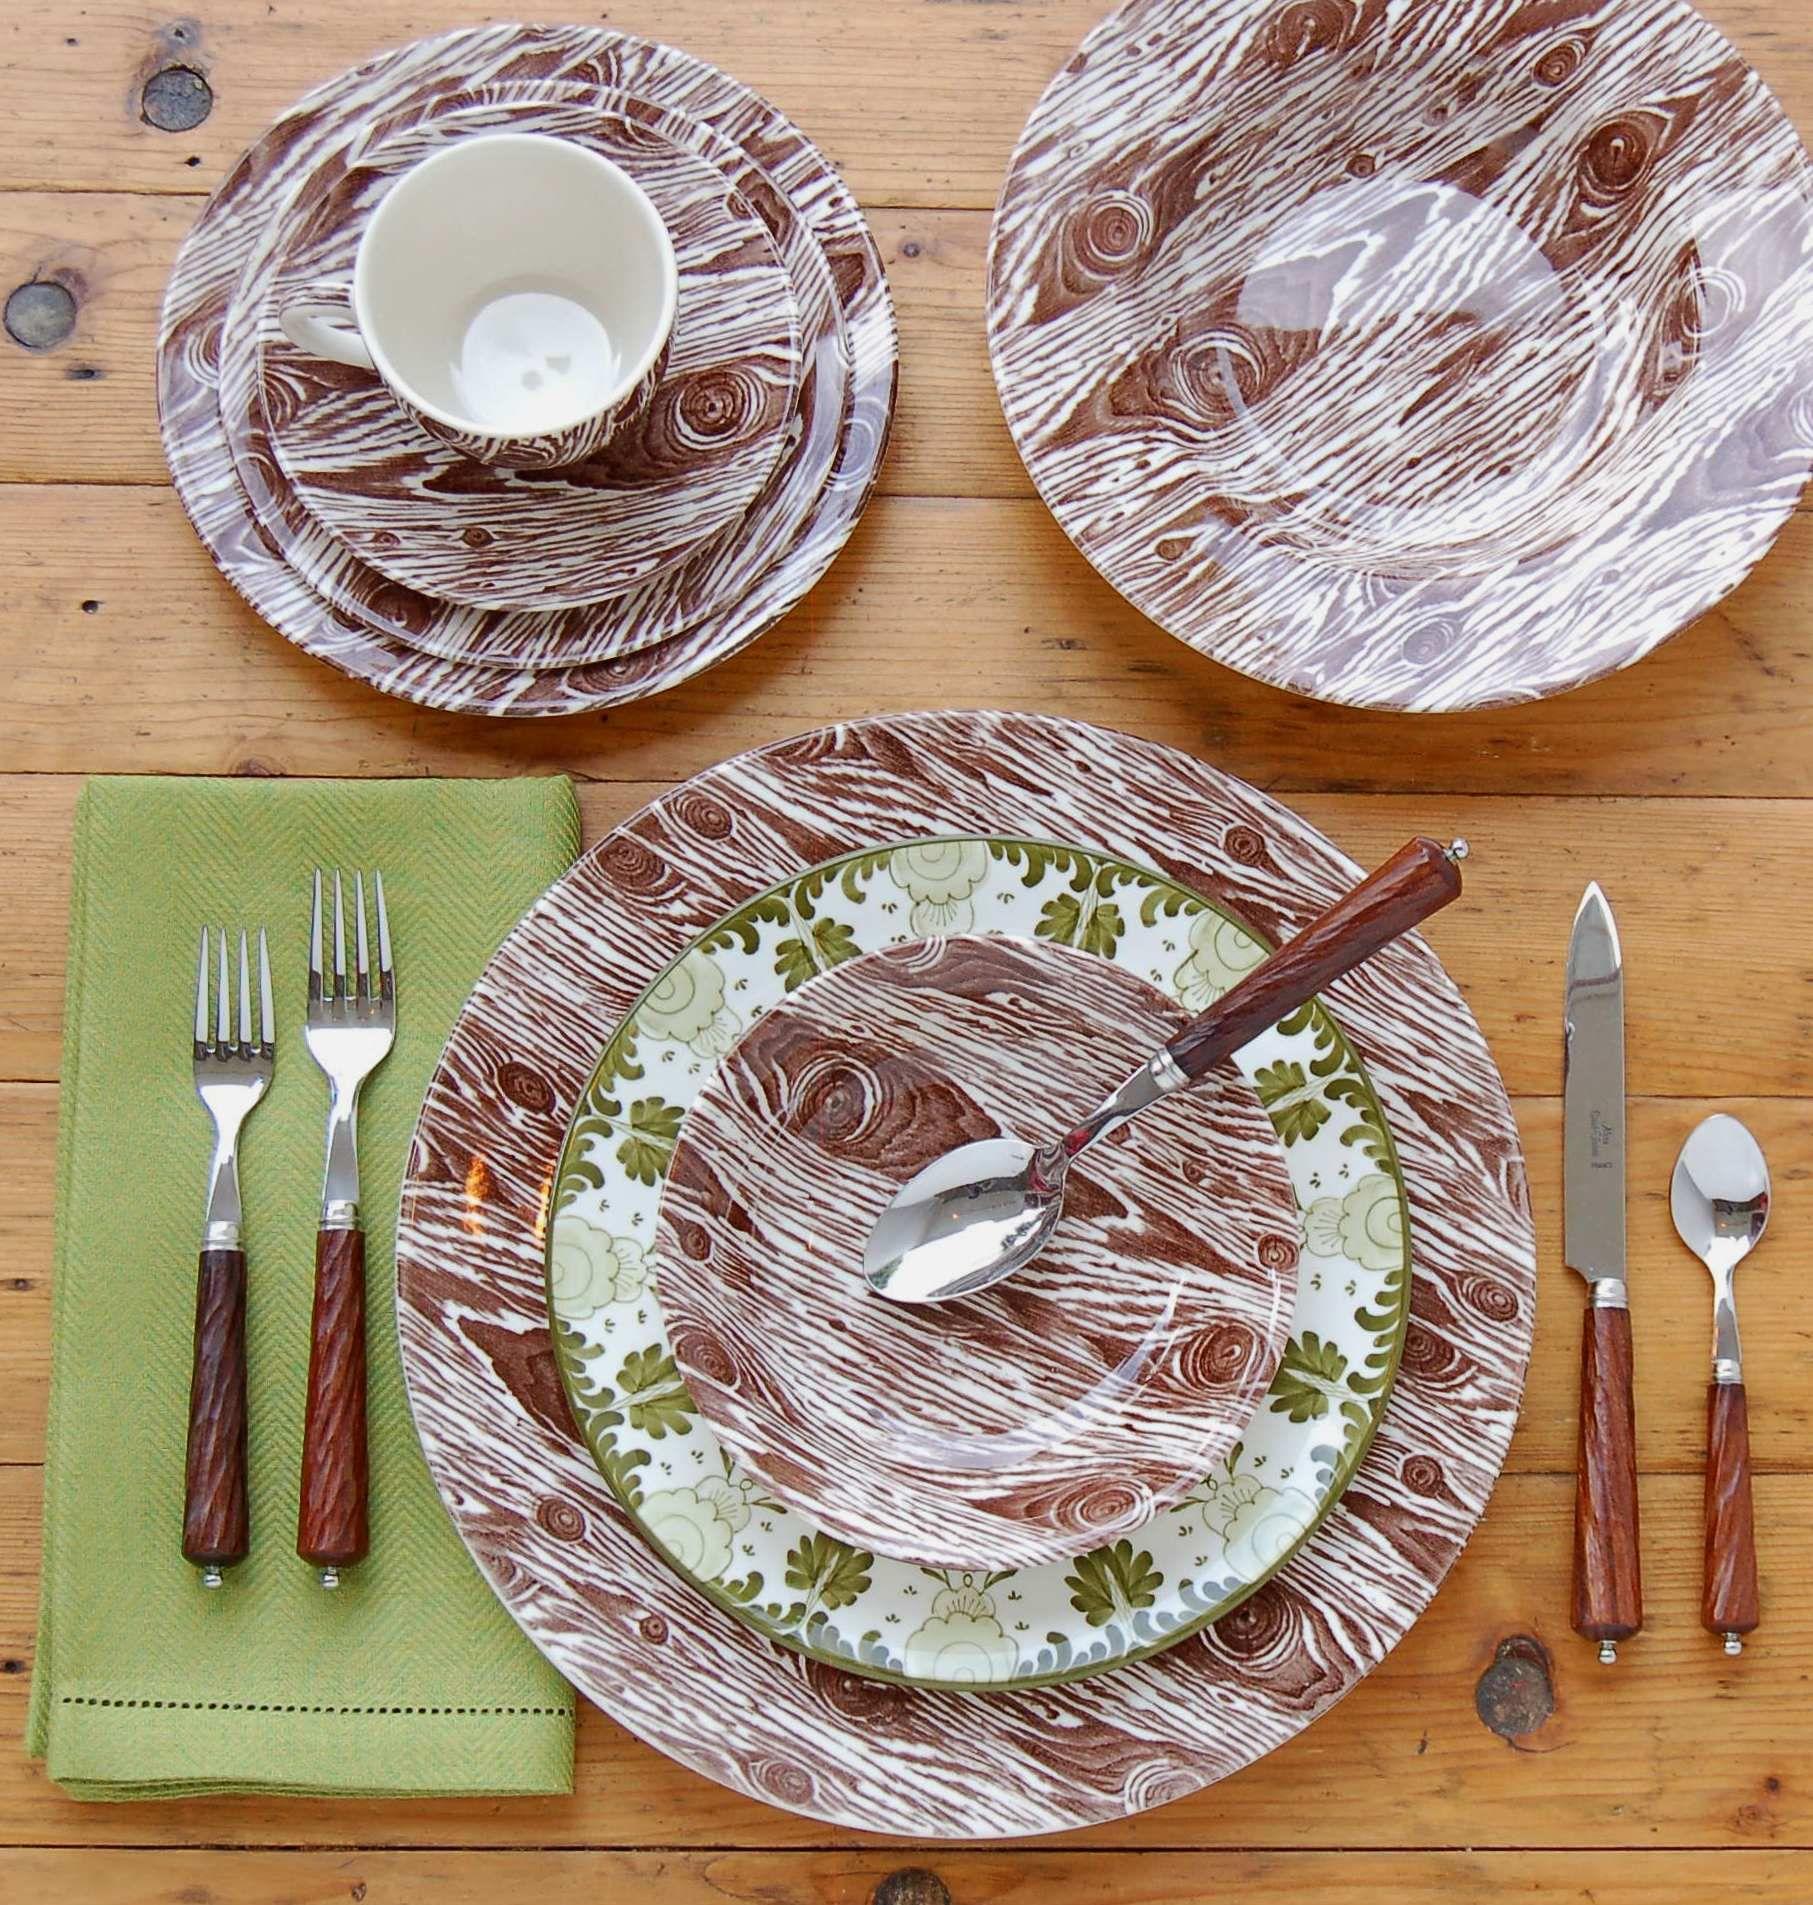 Ross Sveback Faux Bois Dinnerware. & Ross Sveback Faux Bois Dinnerware. | Table Settings | Pinterest ...